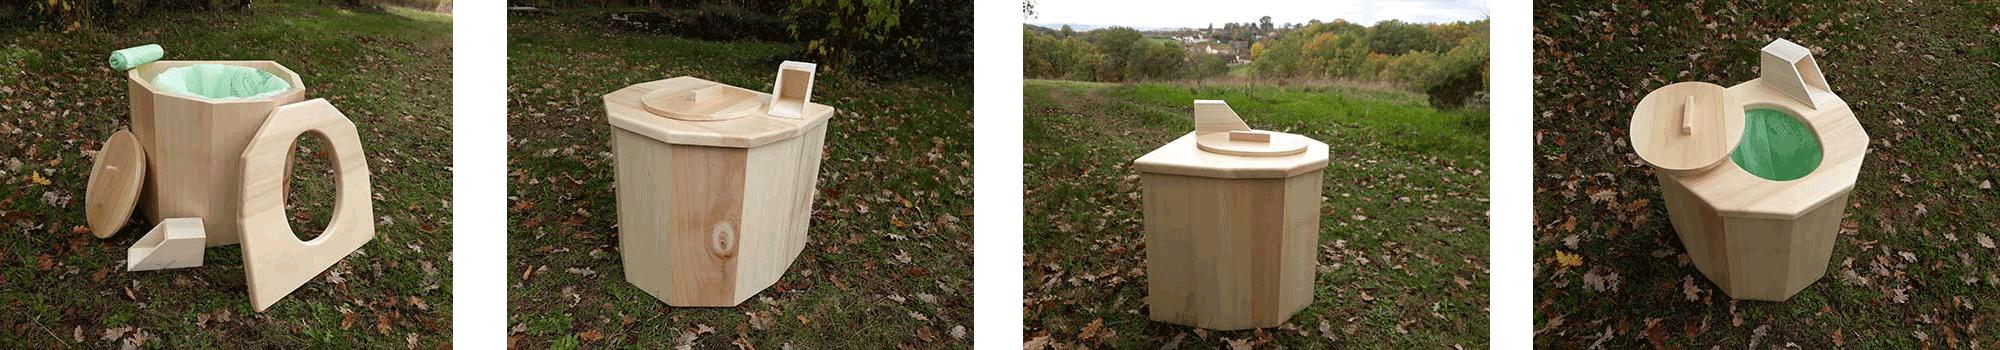 Toilettes sèches mobiles écologiques